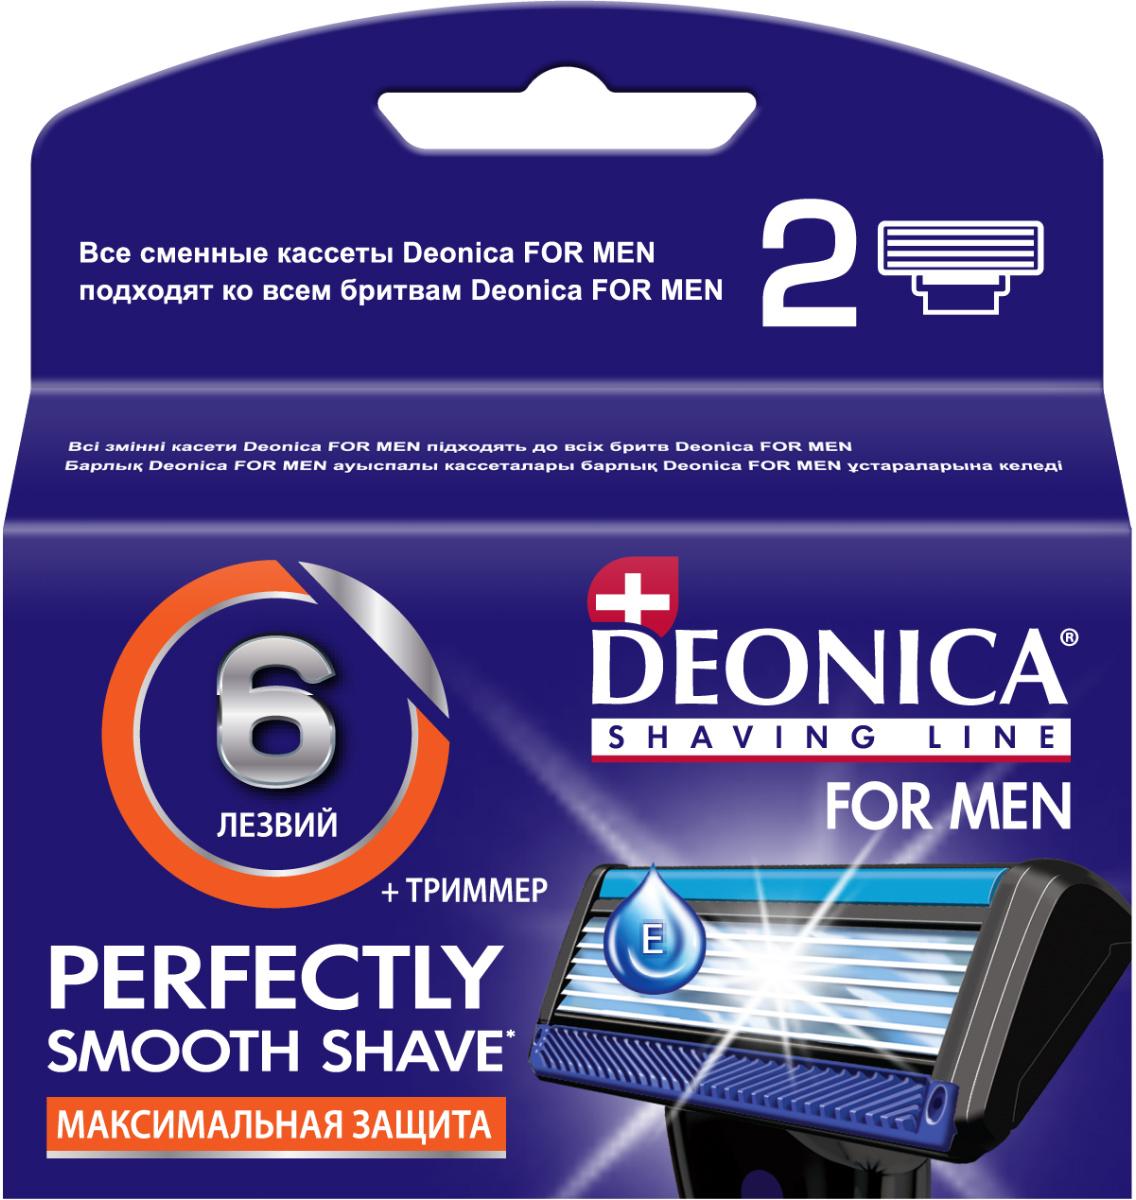 Сменные кассеты для бритья Deonica 6 лезвий с алмазным покрытием и комплексом MicroSILVER for MEN, 2шт